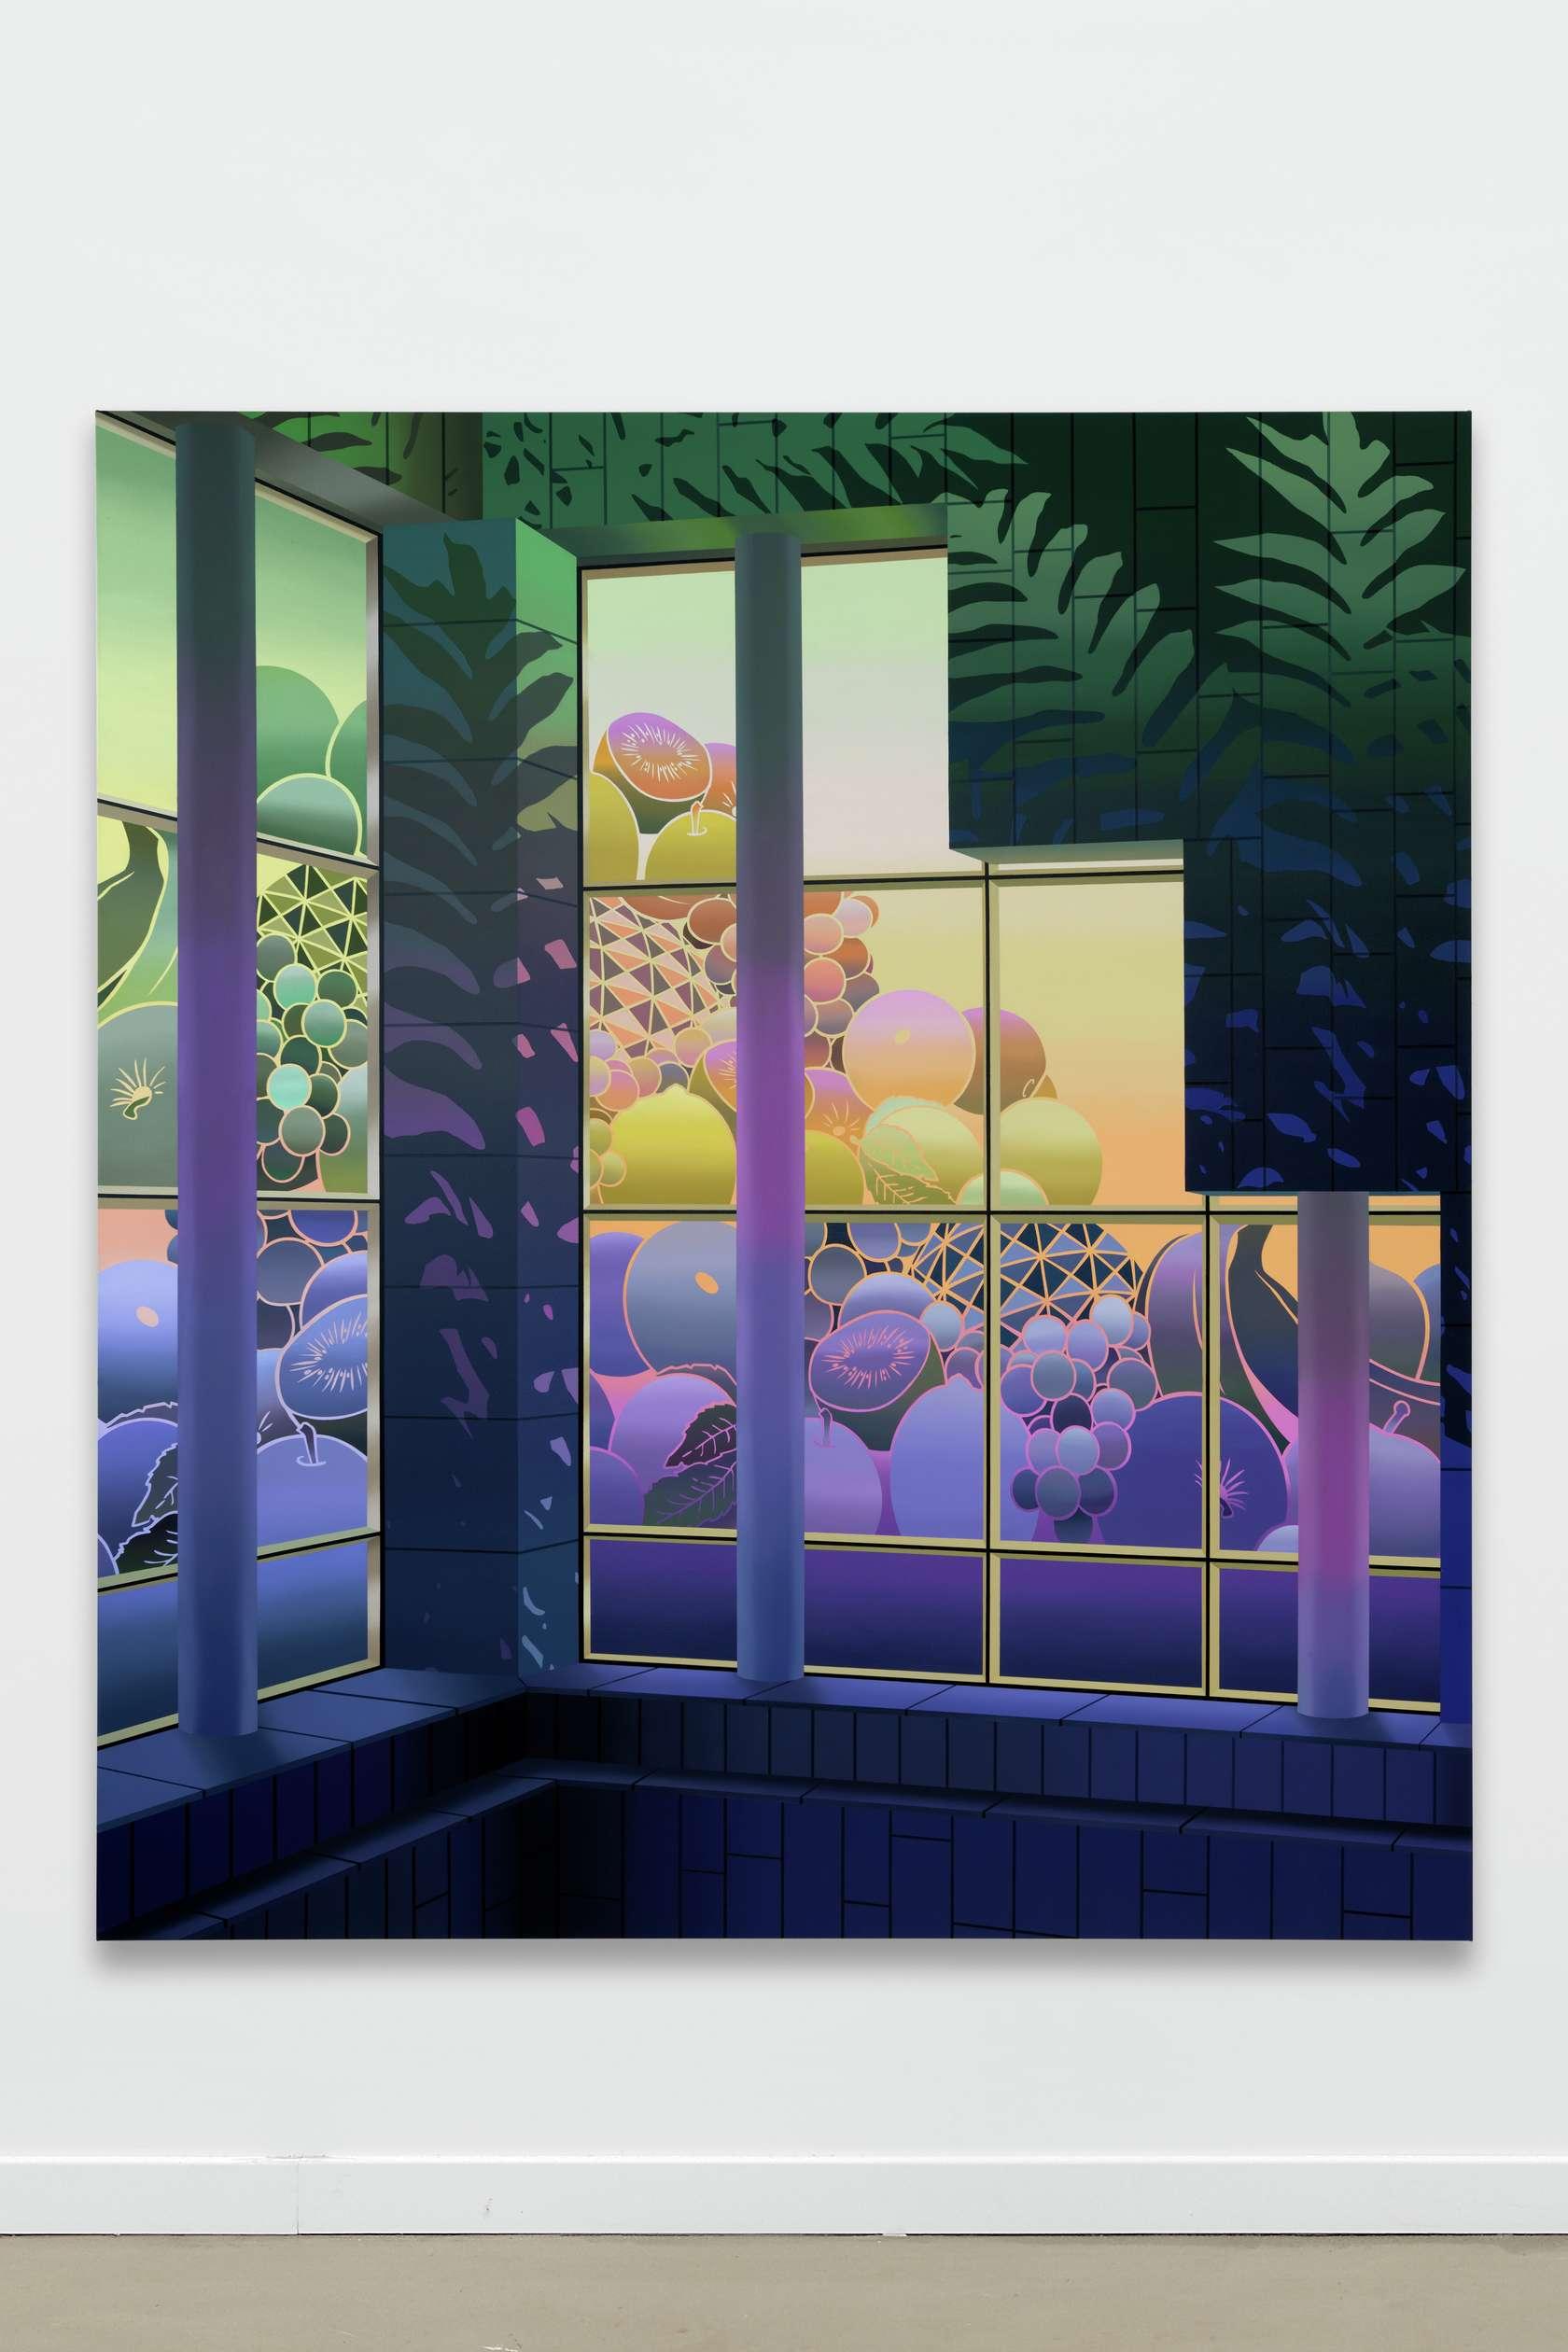 Amélie Bertrand, Cosmic soup, 2019 Huile sur toile200 × 180 cm / 78 6/8 × 70 7/8 in.